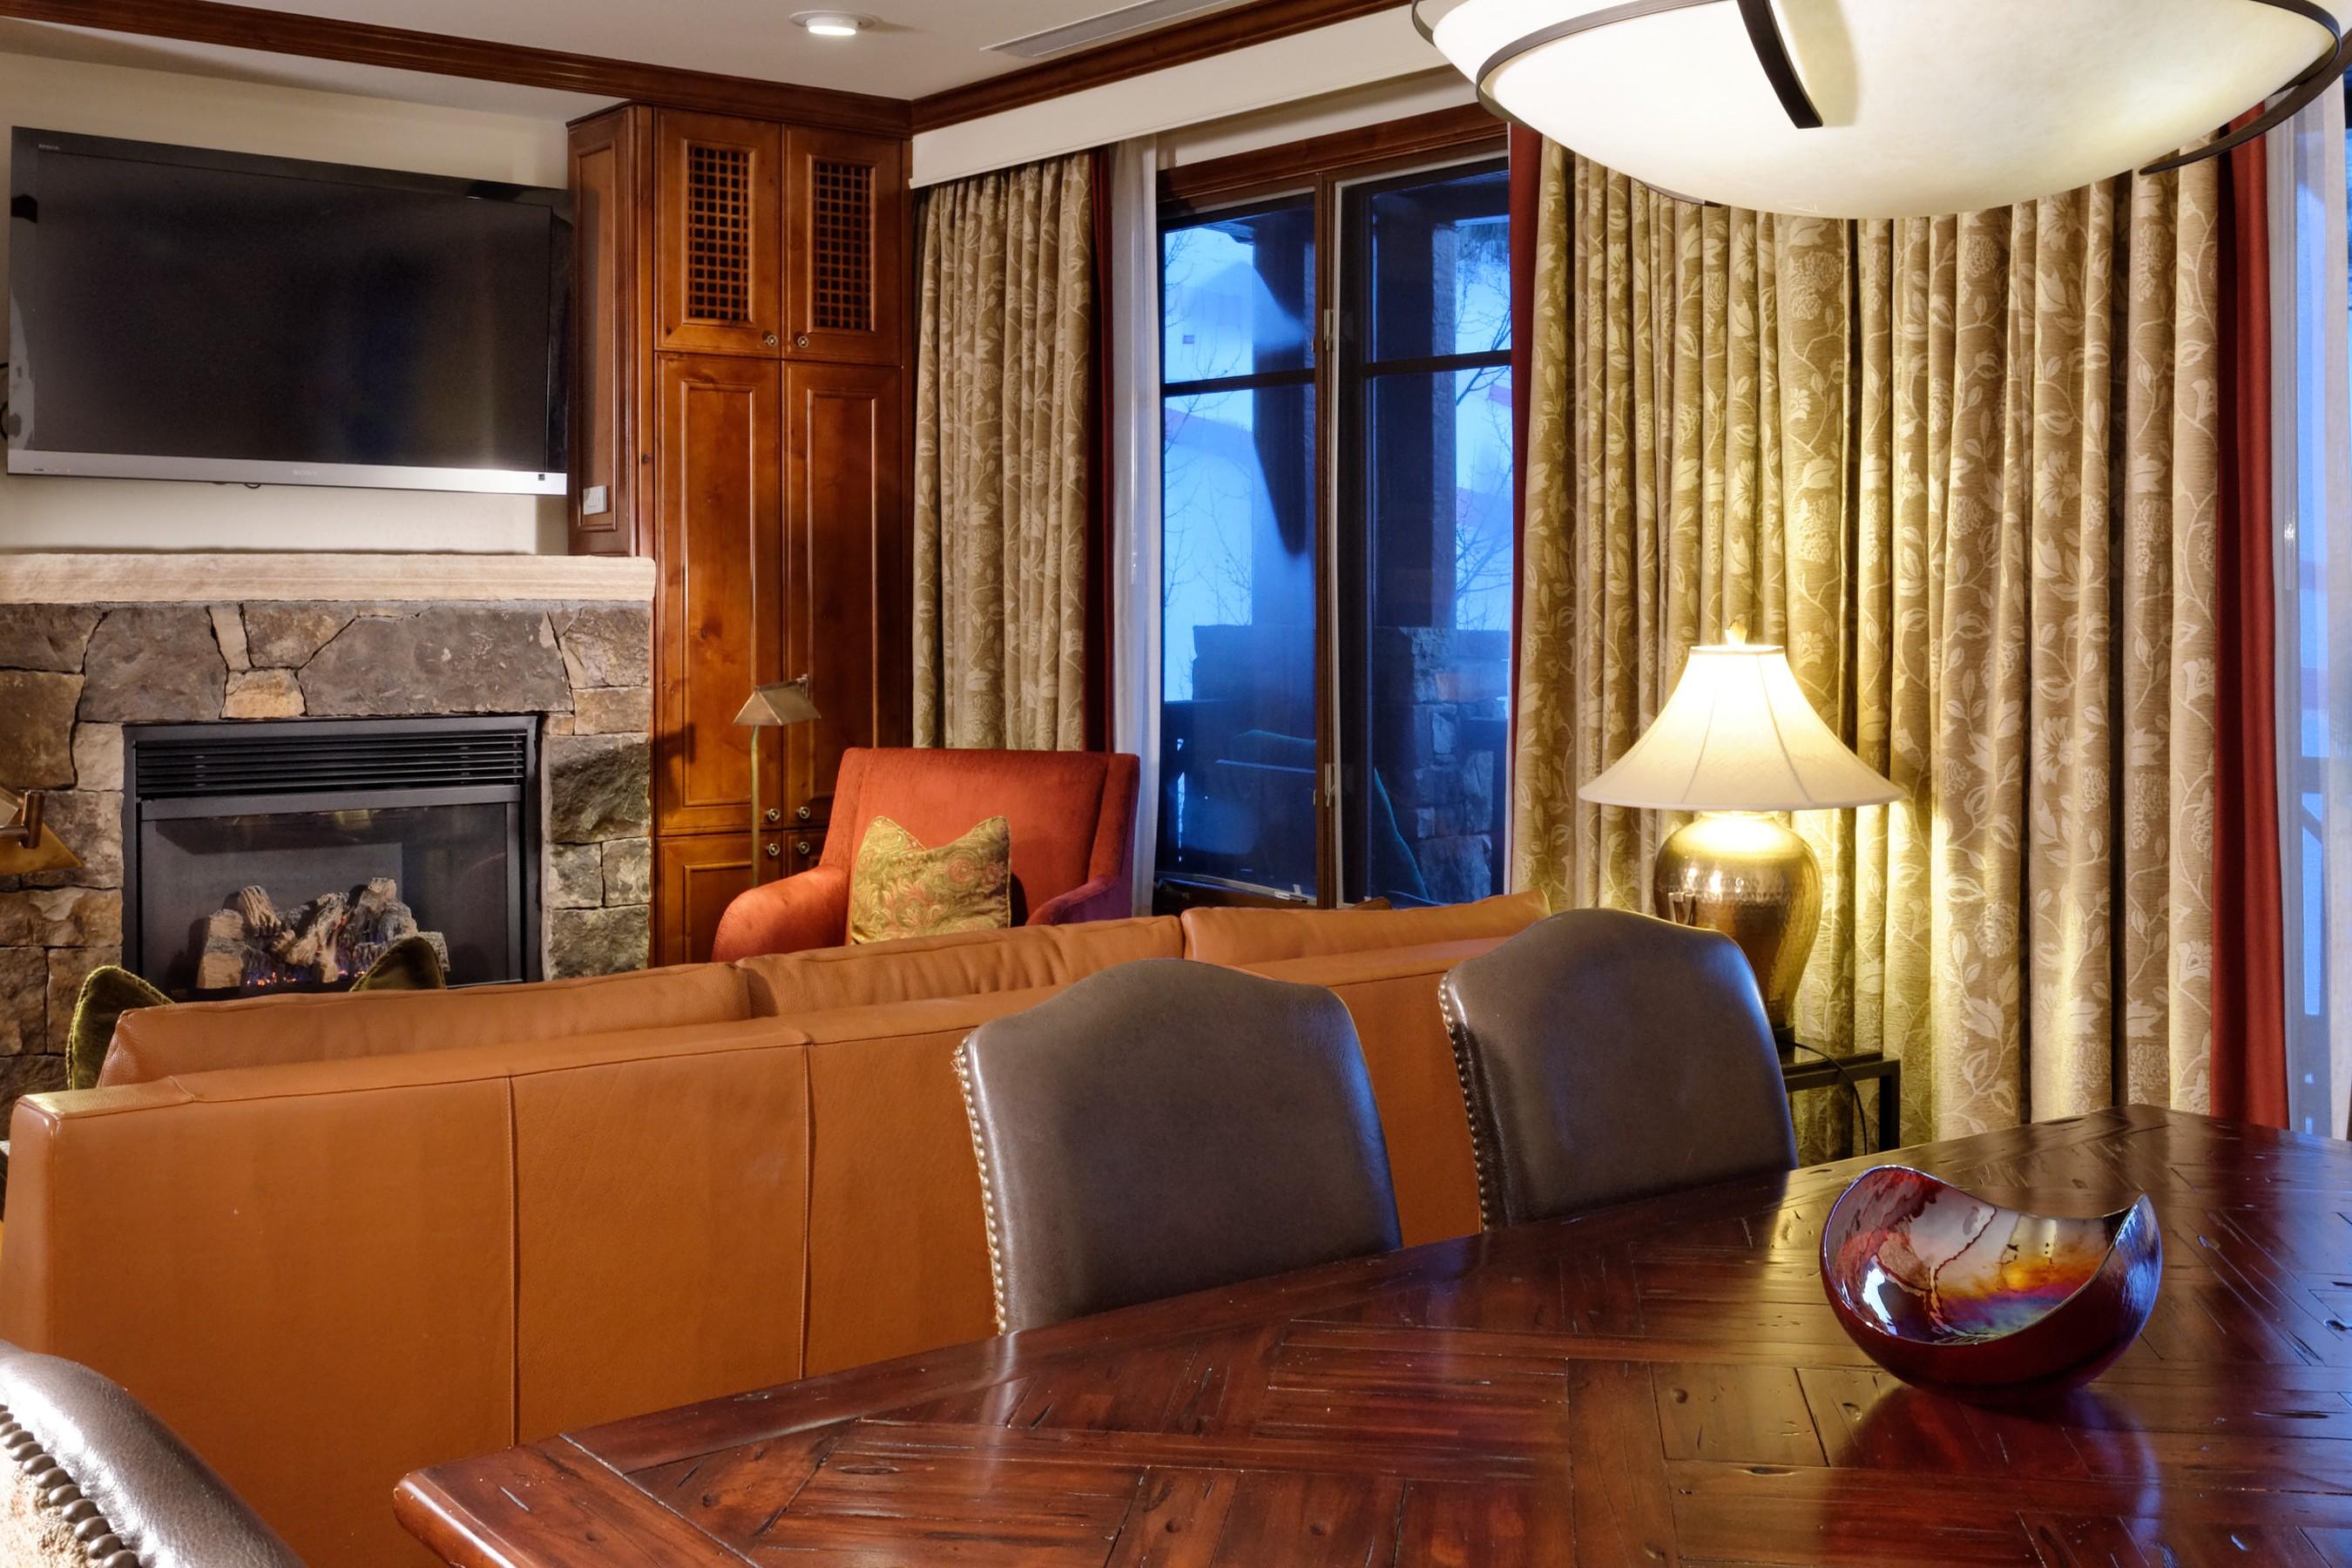 Долевое владение для того Продажа на Ritz-Carlton Club Aspen Highlands Fractional Condo Interest 0075 Prospector Road, 8106 Winter Interest 2, Ritz-Carlton Club Aspen, Колорадо, 81611 Соединенные Штаты